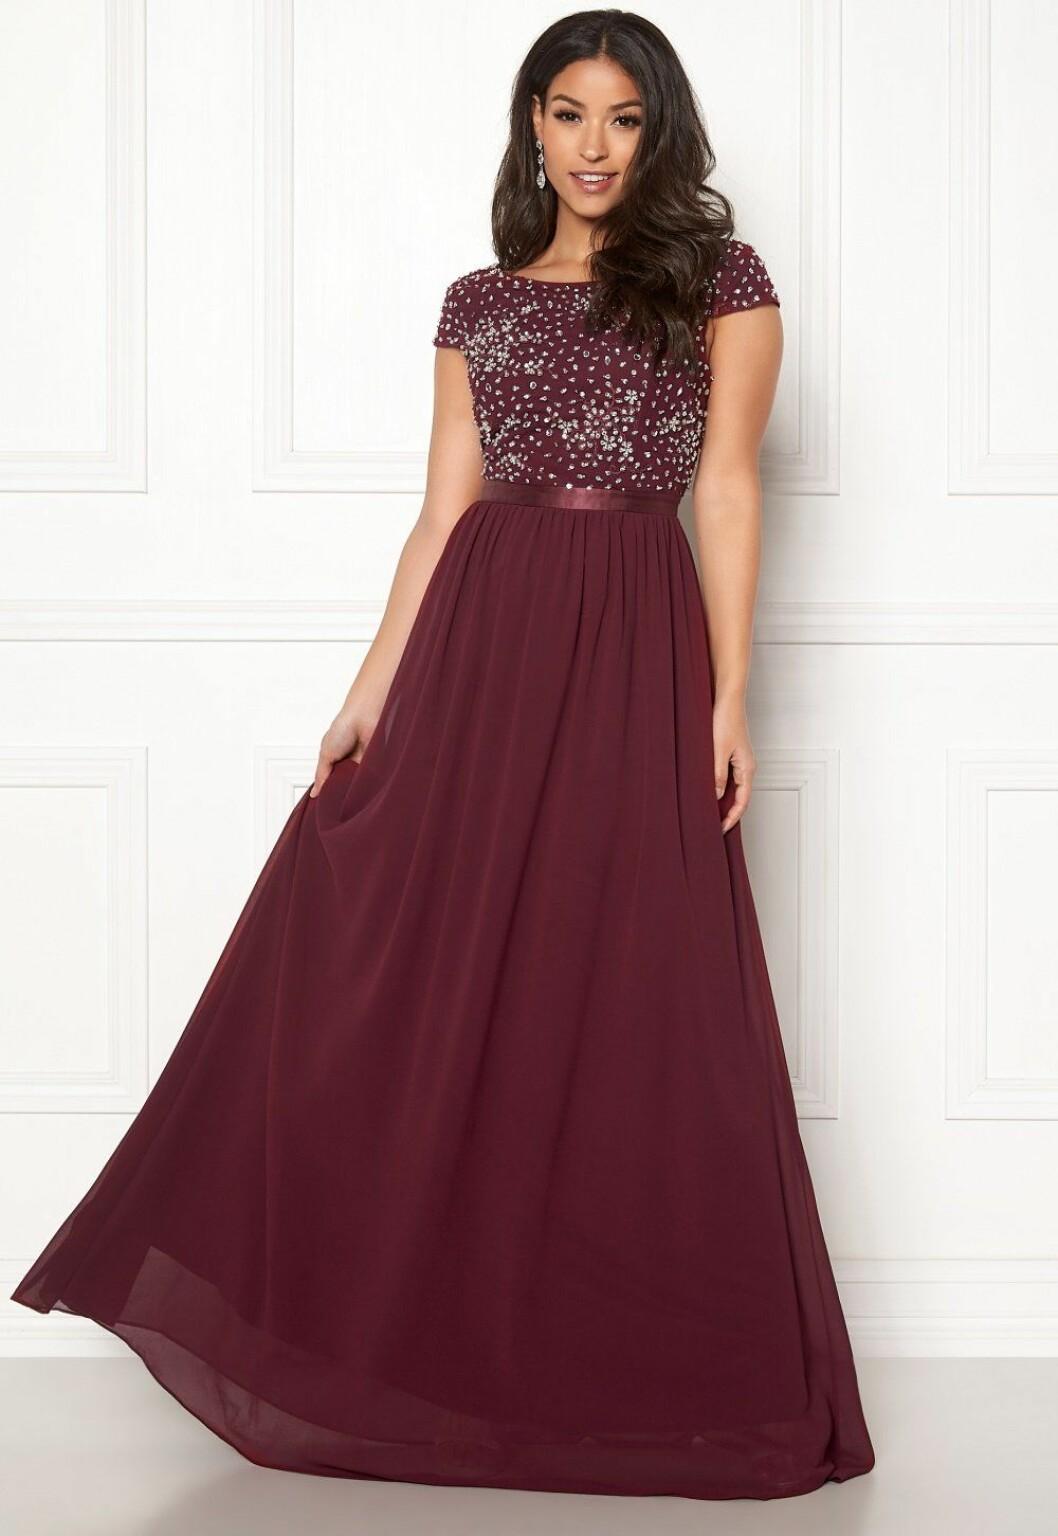 Vinröd klänning till balen 2019